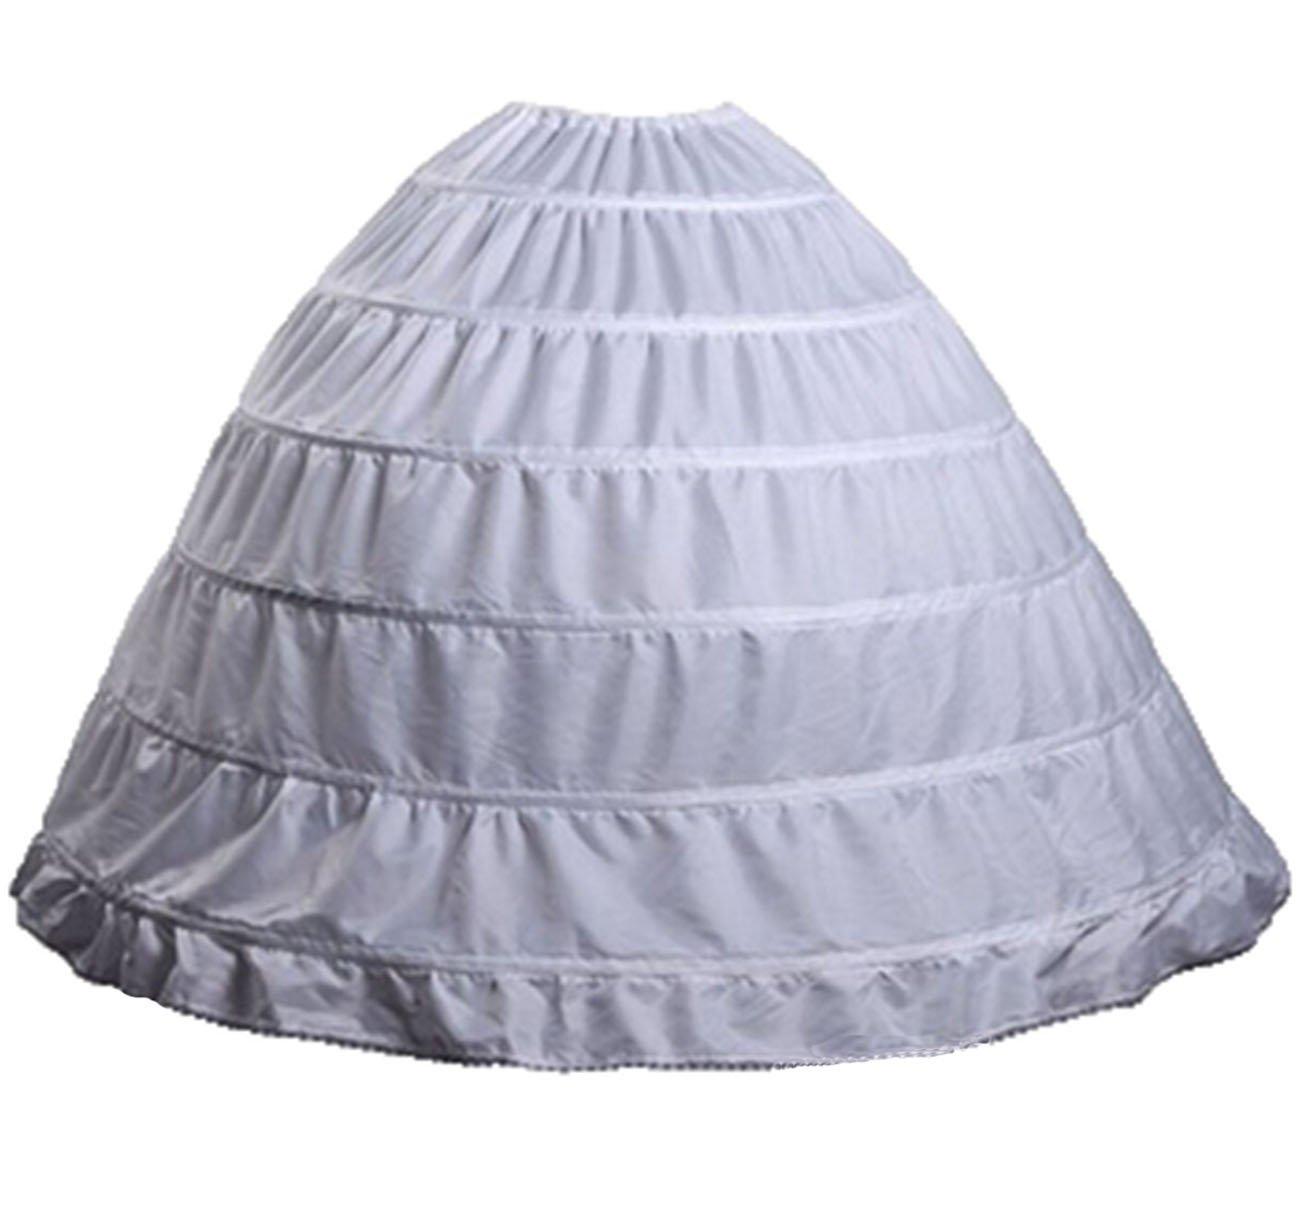 V.C.Formark 6 Hoops Petticoat Under Slips White Crinoline for Ball Gown Bridal Wedding Dress